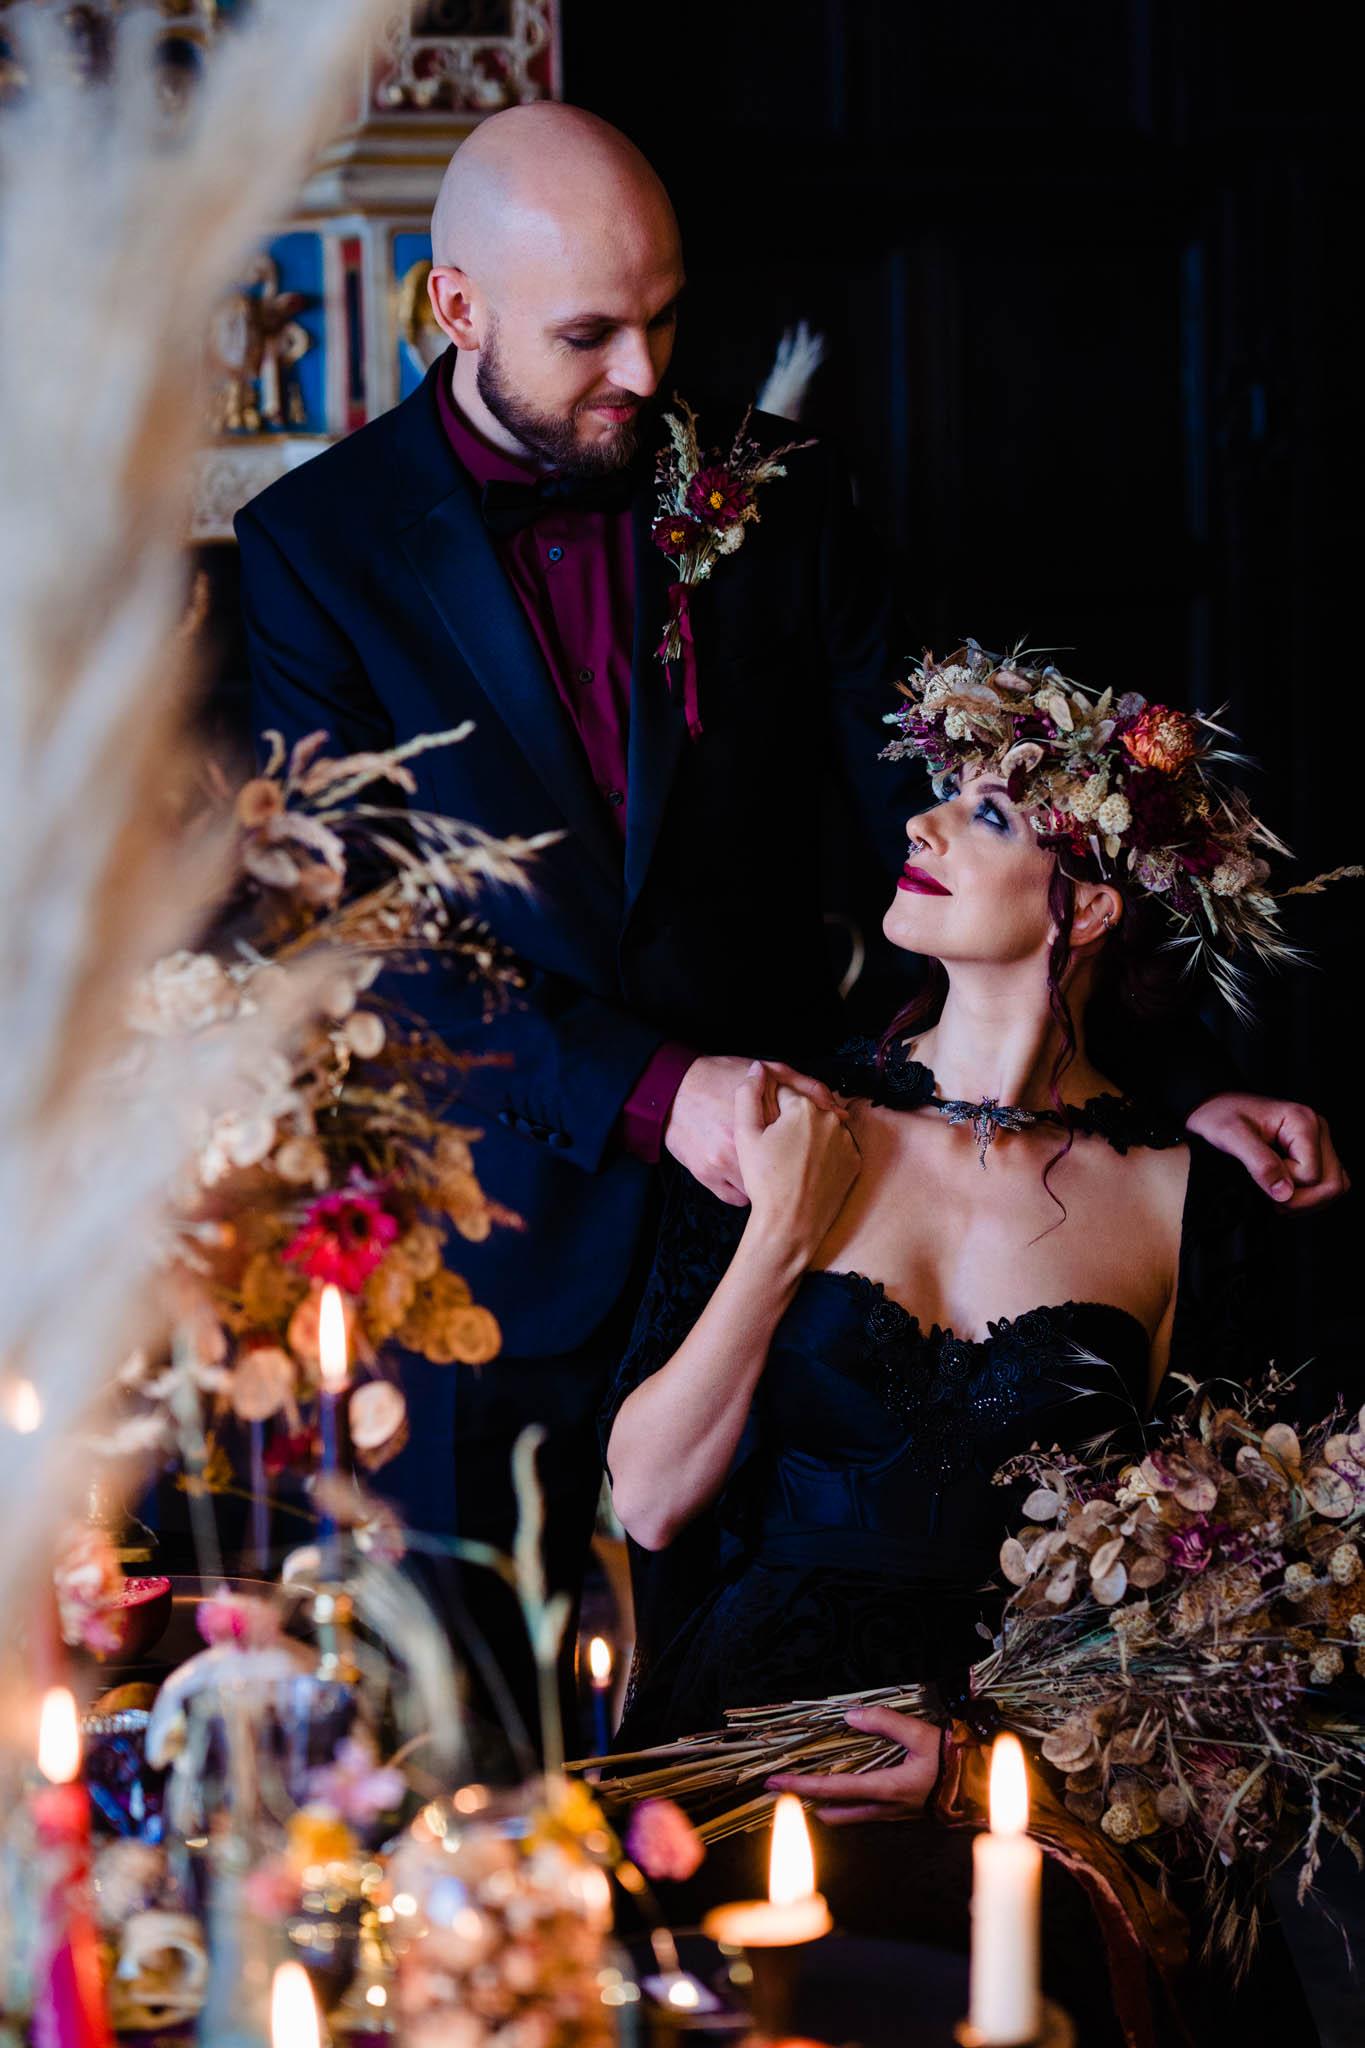 gothic autumn wedding - halloween wedding - alternative wedding - alternative wedding dress